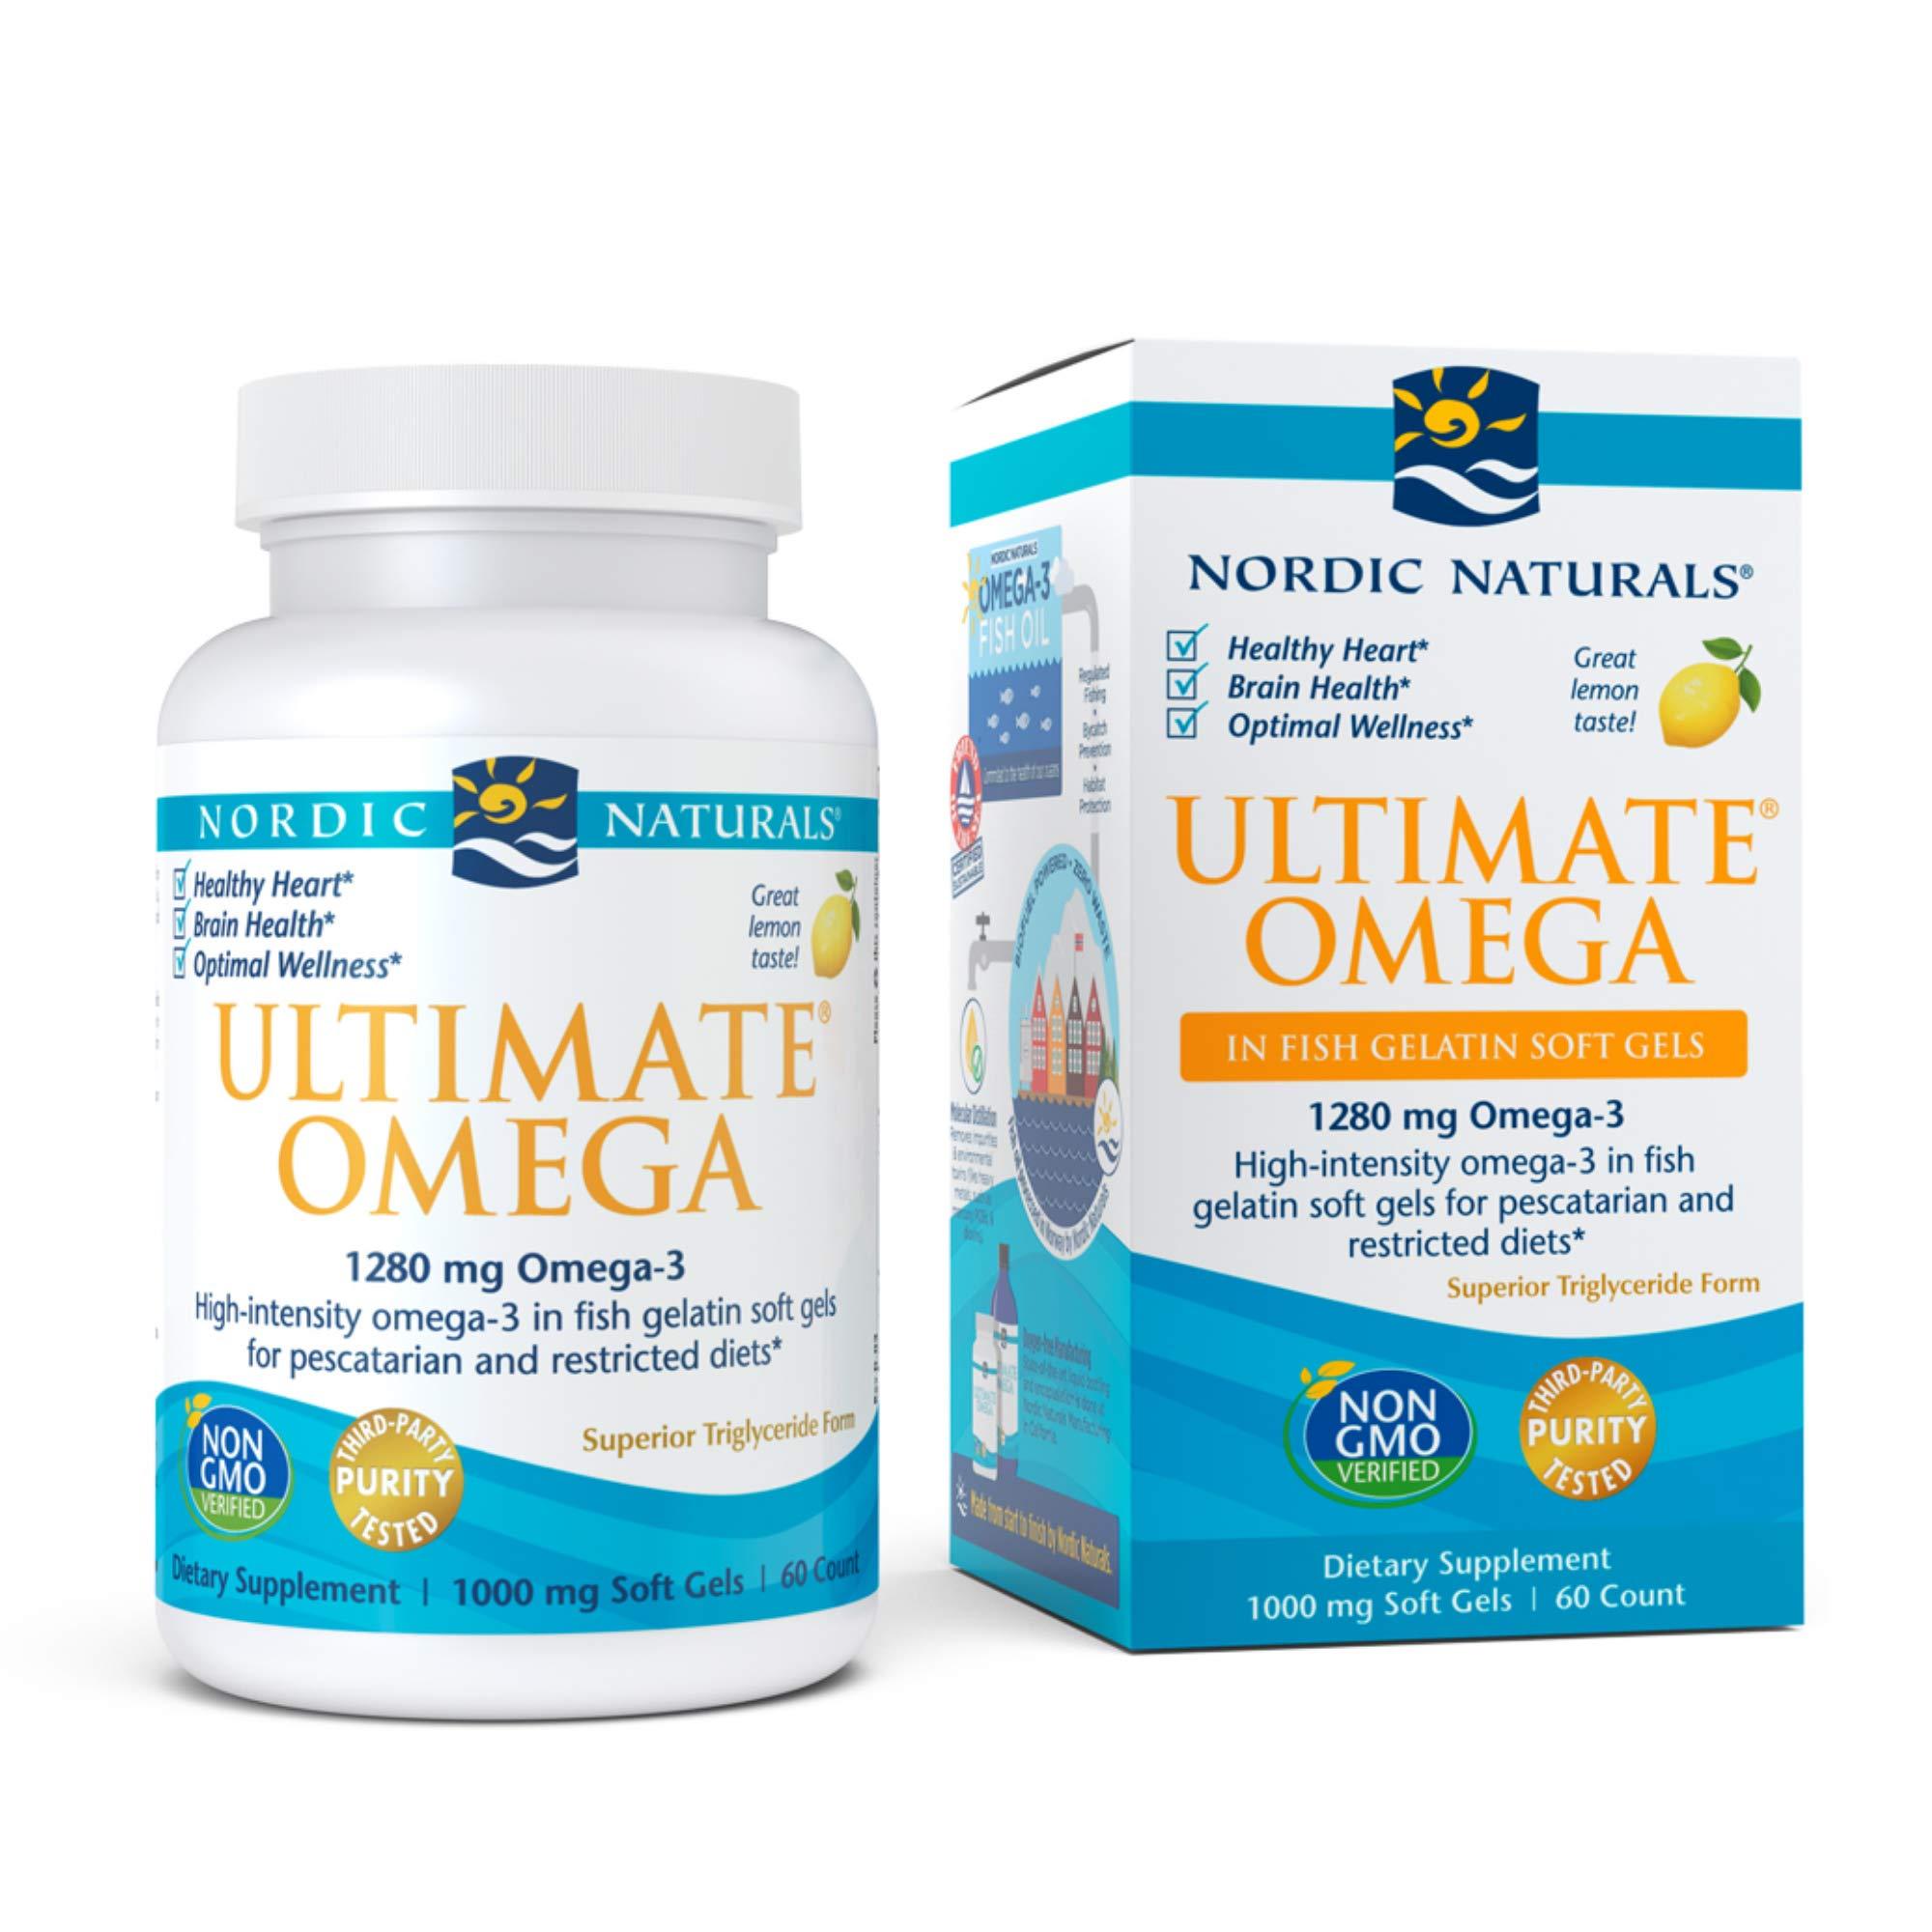 Nordic Naturals Ultimate Omega 60 Softgels, Lemon